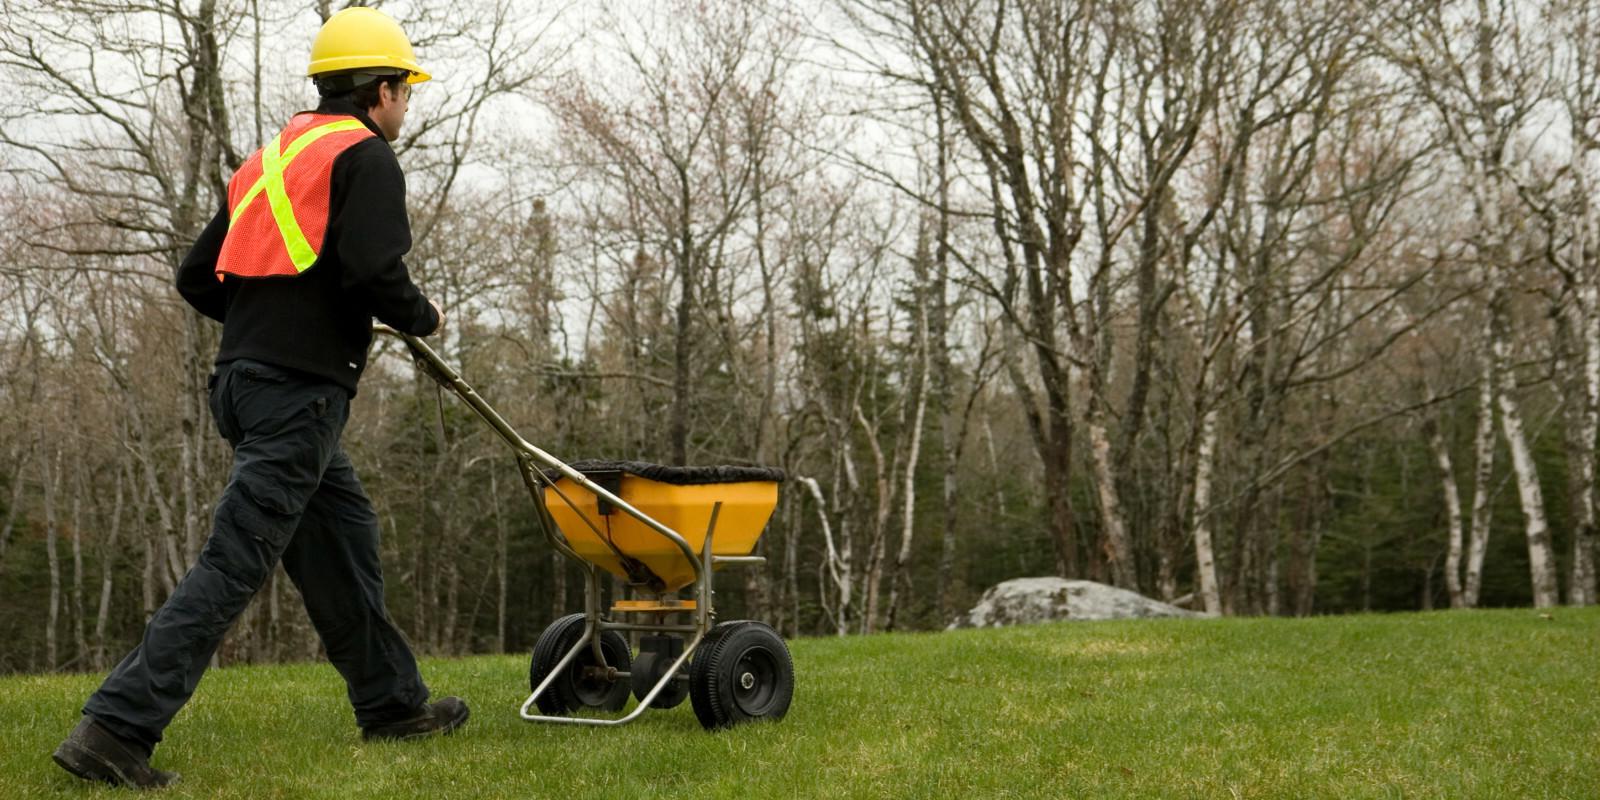 Lawn care worker spreads fertilizer